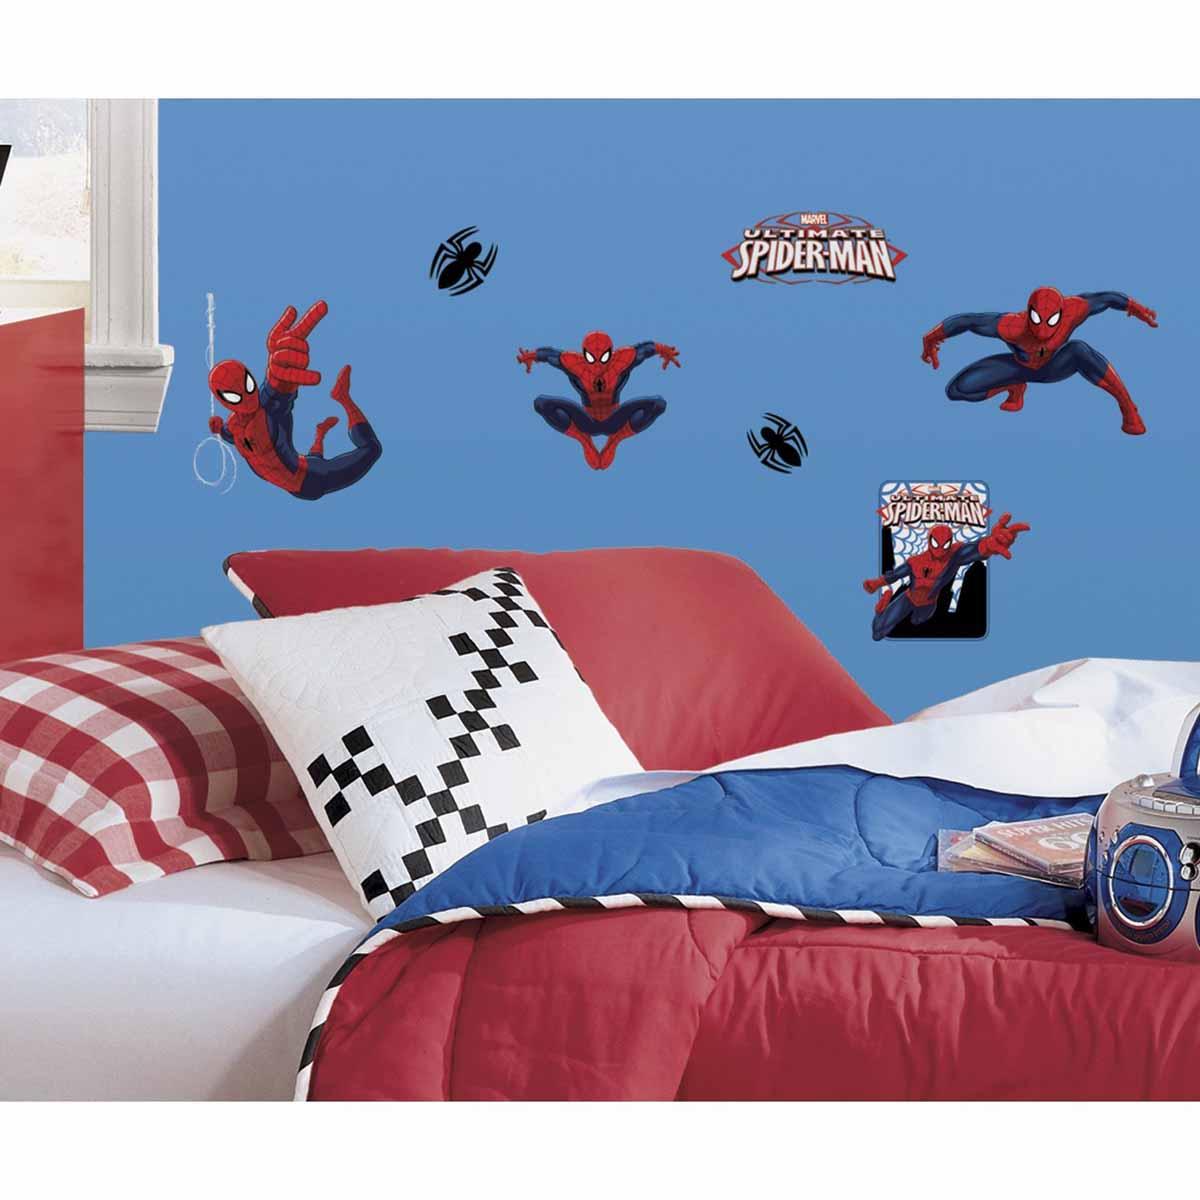 RoomMates Наклейки для декора Человек-паук -  Детская комната